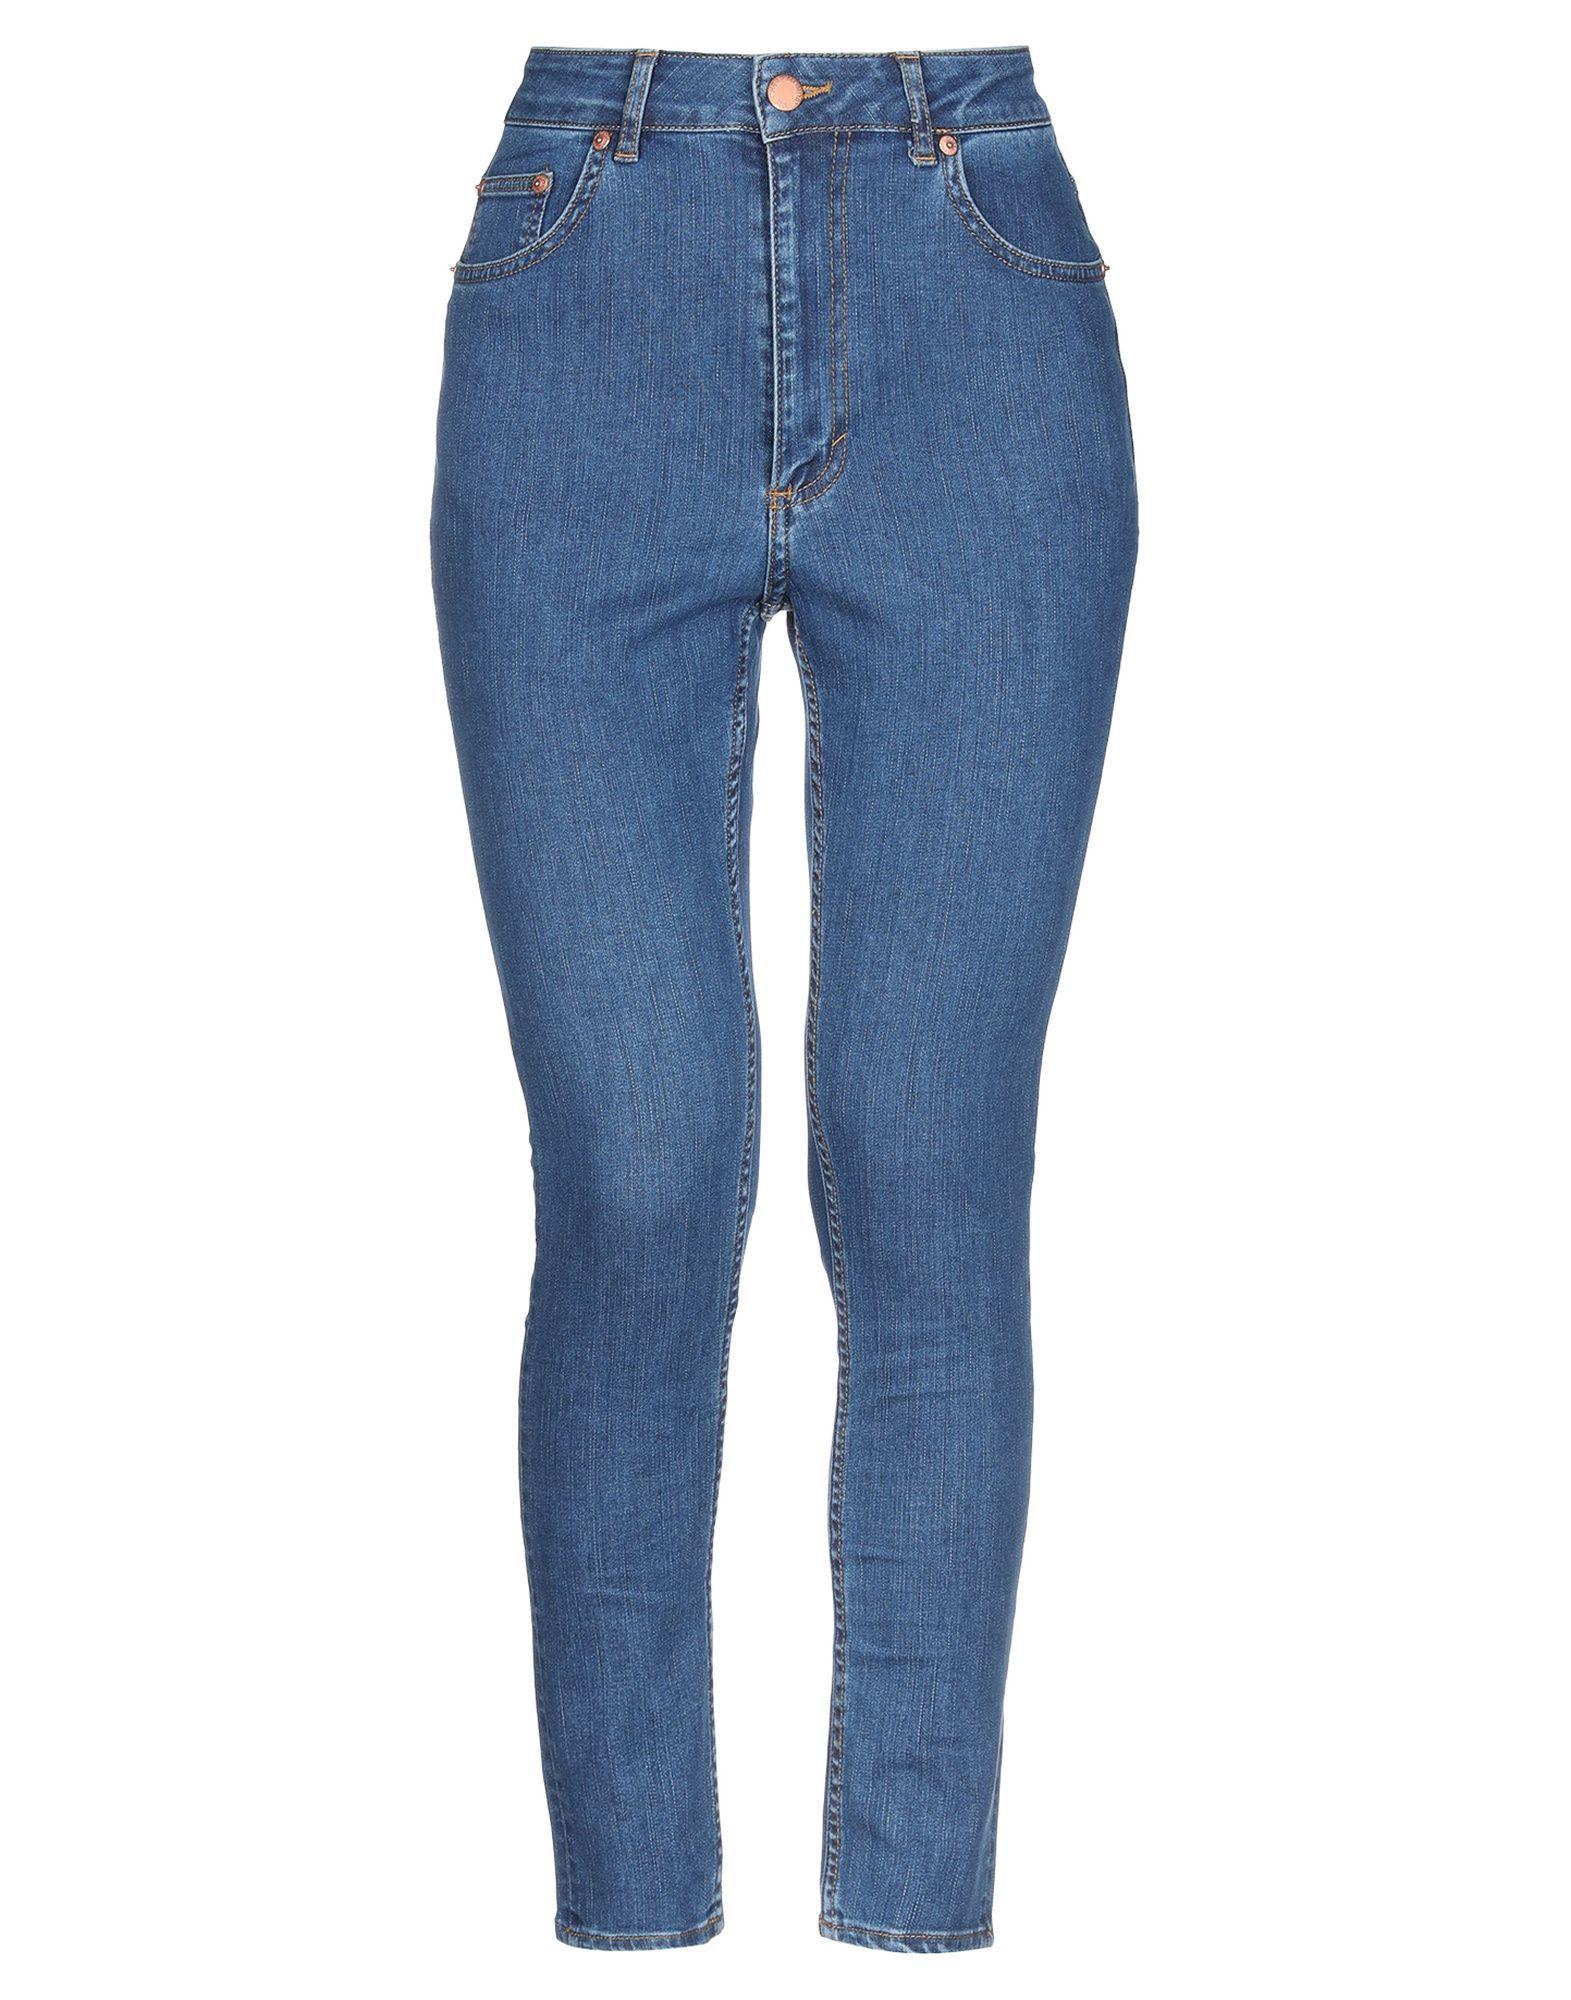 CHEAP MONDAY Джинсовые брюки брюки спортивные мужские cheap monday цвет серый 0524638 размер xs 44